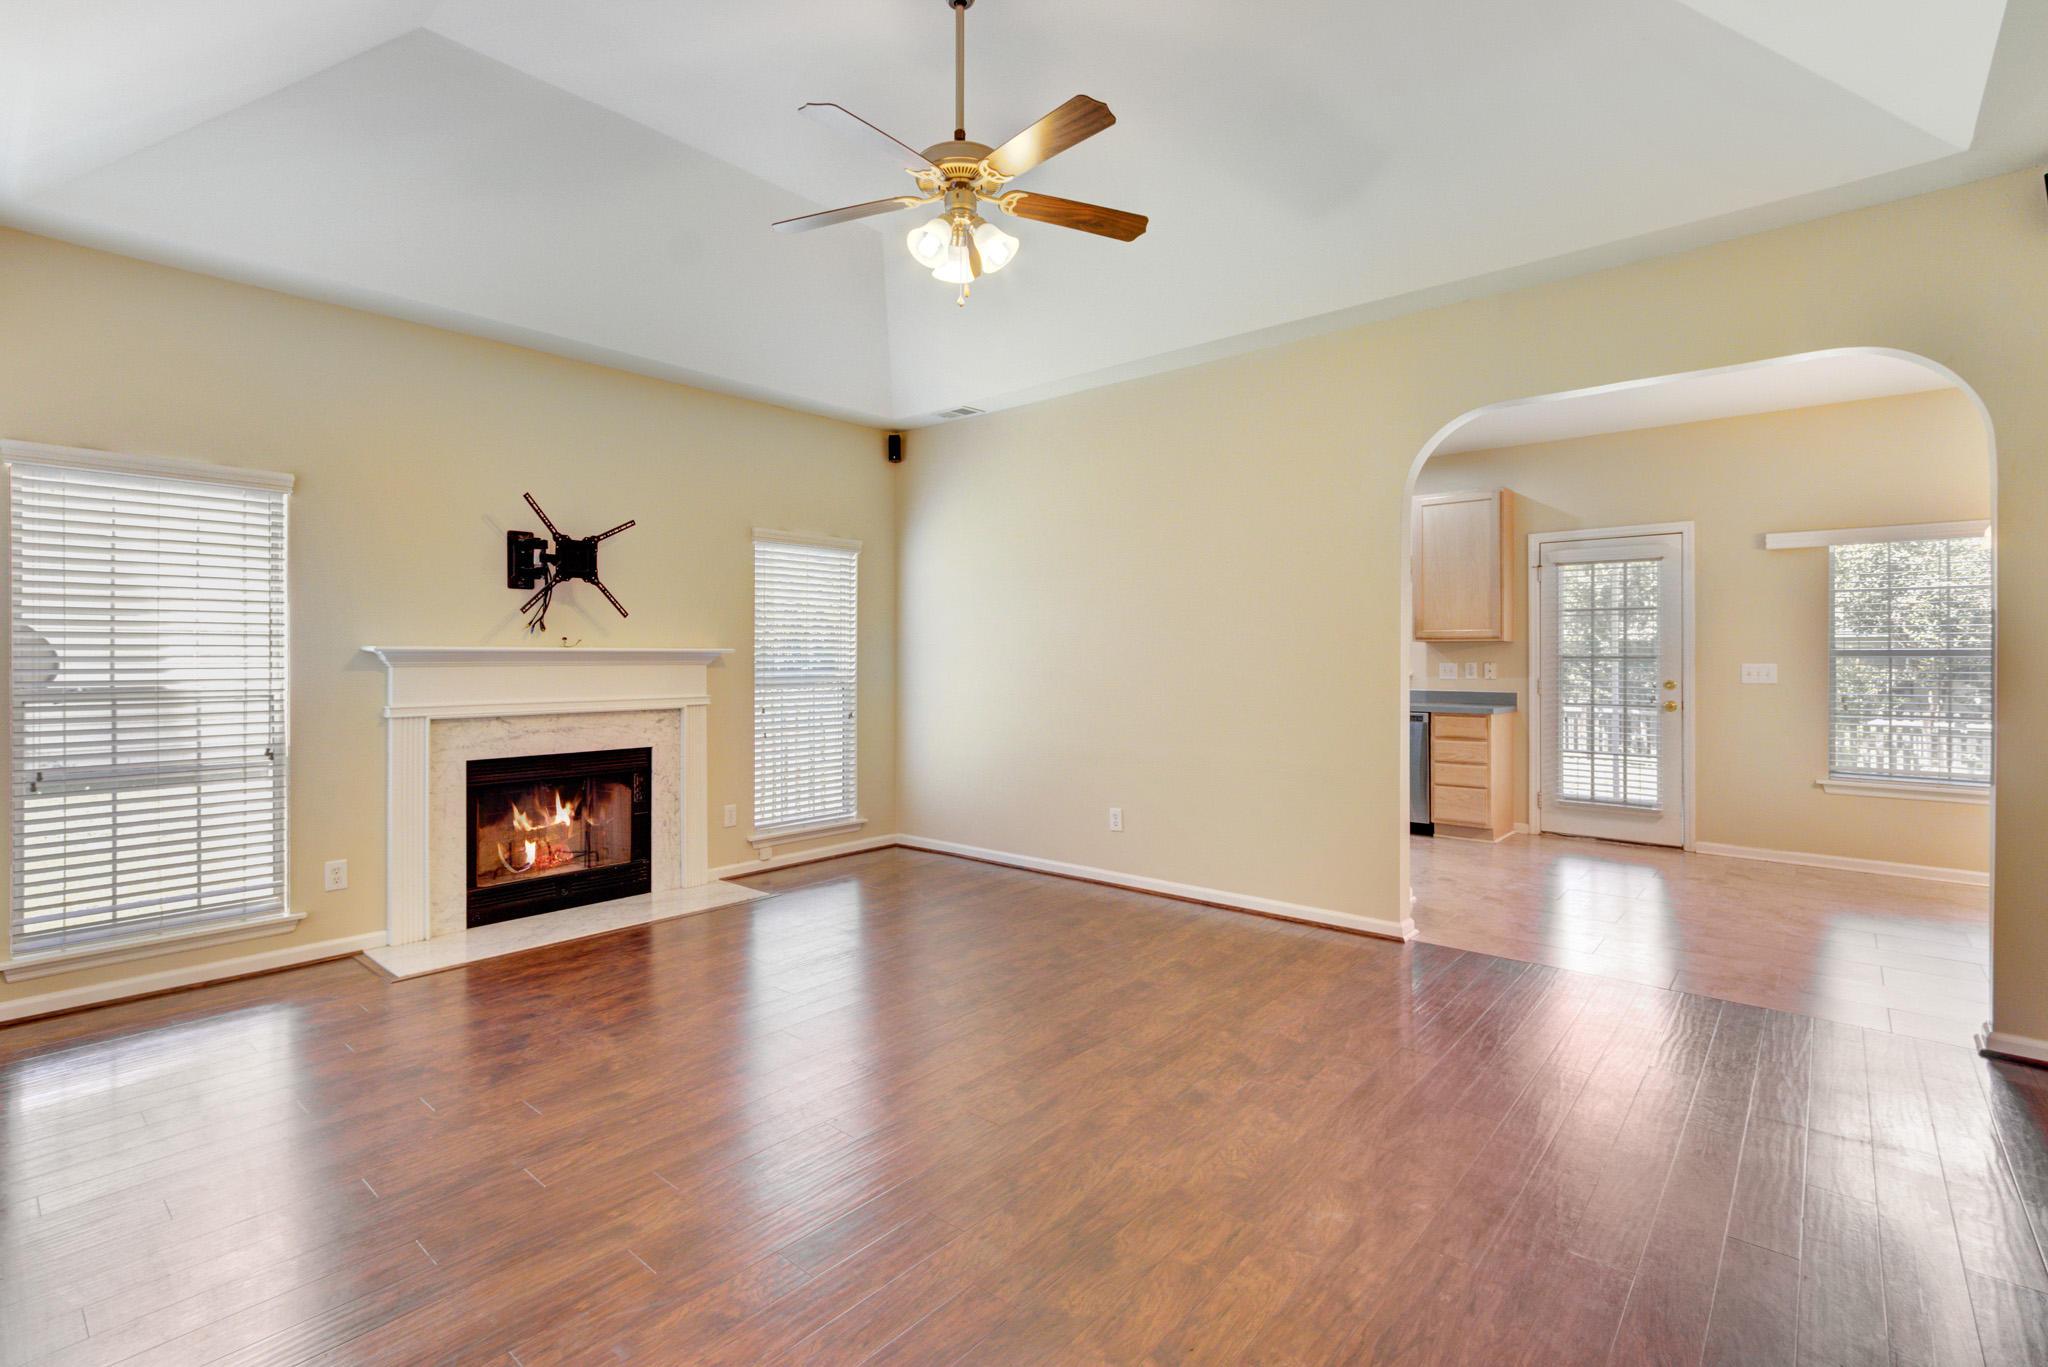 Dunes West Homes For Sale - 1645 Pin Oak Cut, Mount Pleasant, SC - 23